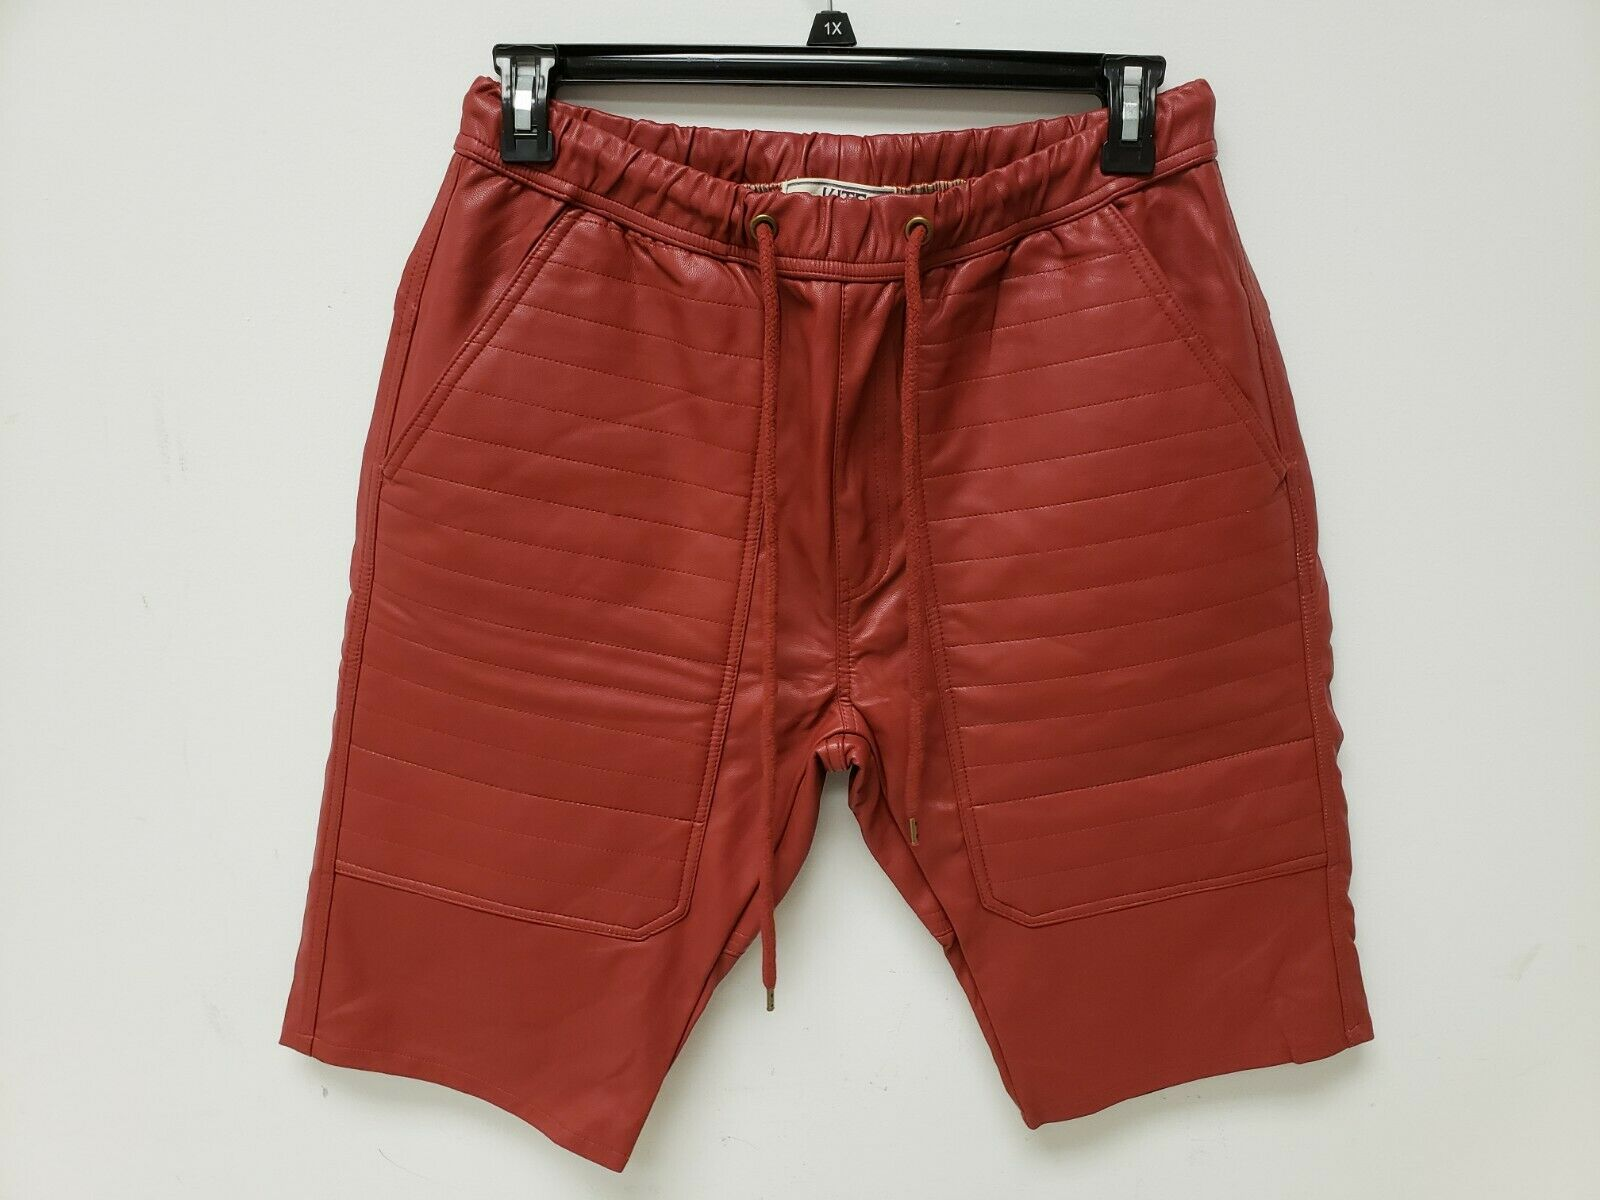 Kite Mens Shorts Vegan Leather 36 Red Drawstring